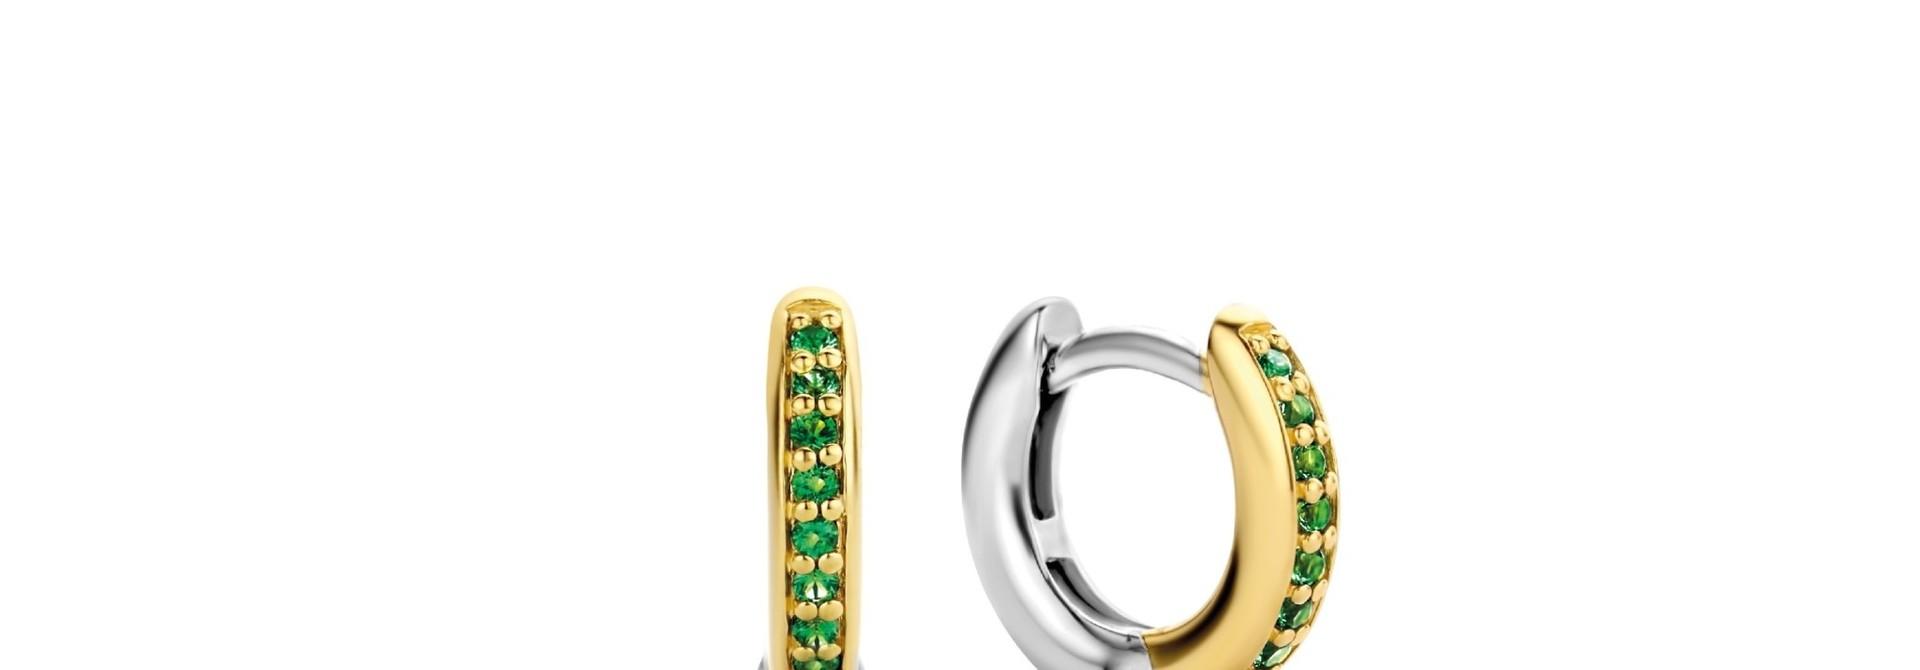 TI SENTO - Milano Earrings 7811EM